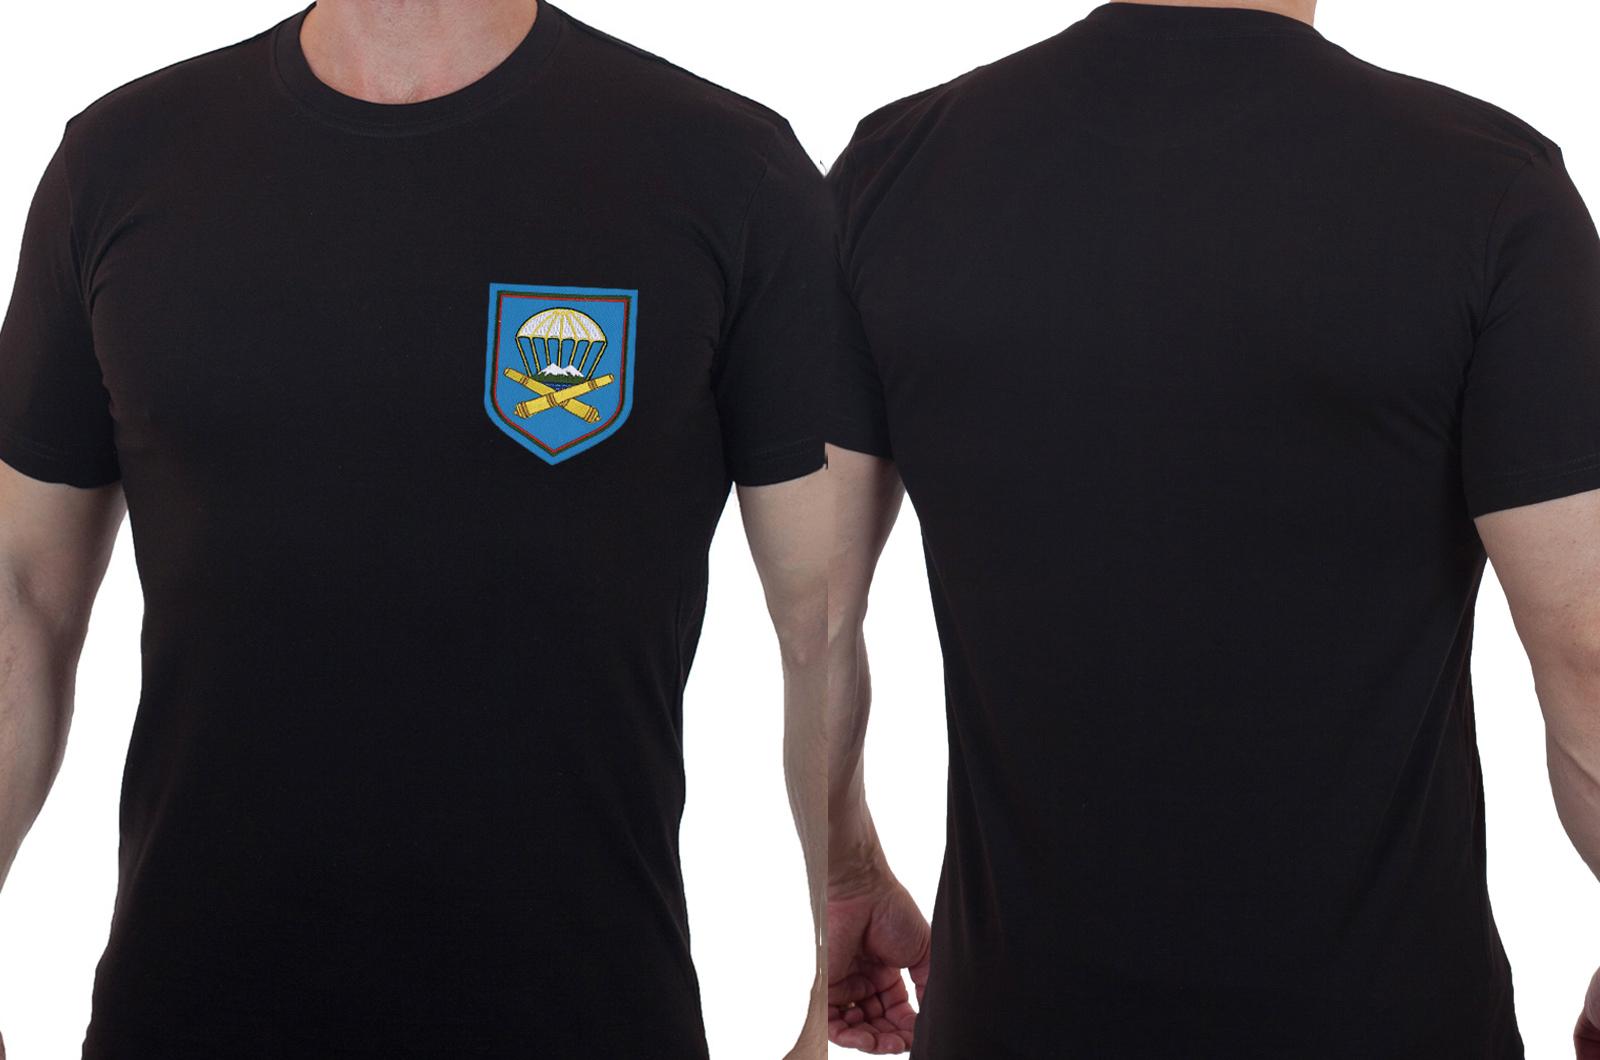 Черная мужская футболка с вышитым шевроном ВДВ 1141 Артполк 7 гв. ДШД - купить с доставкой